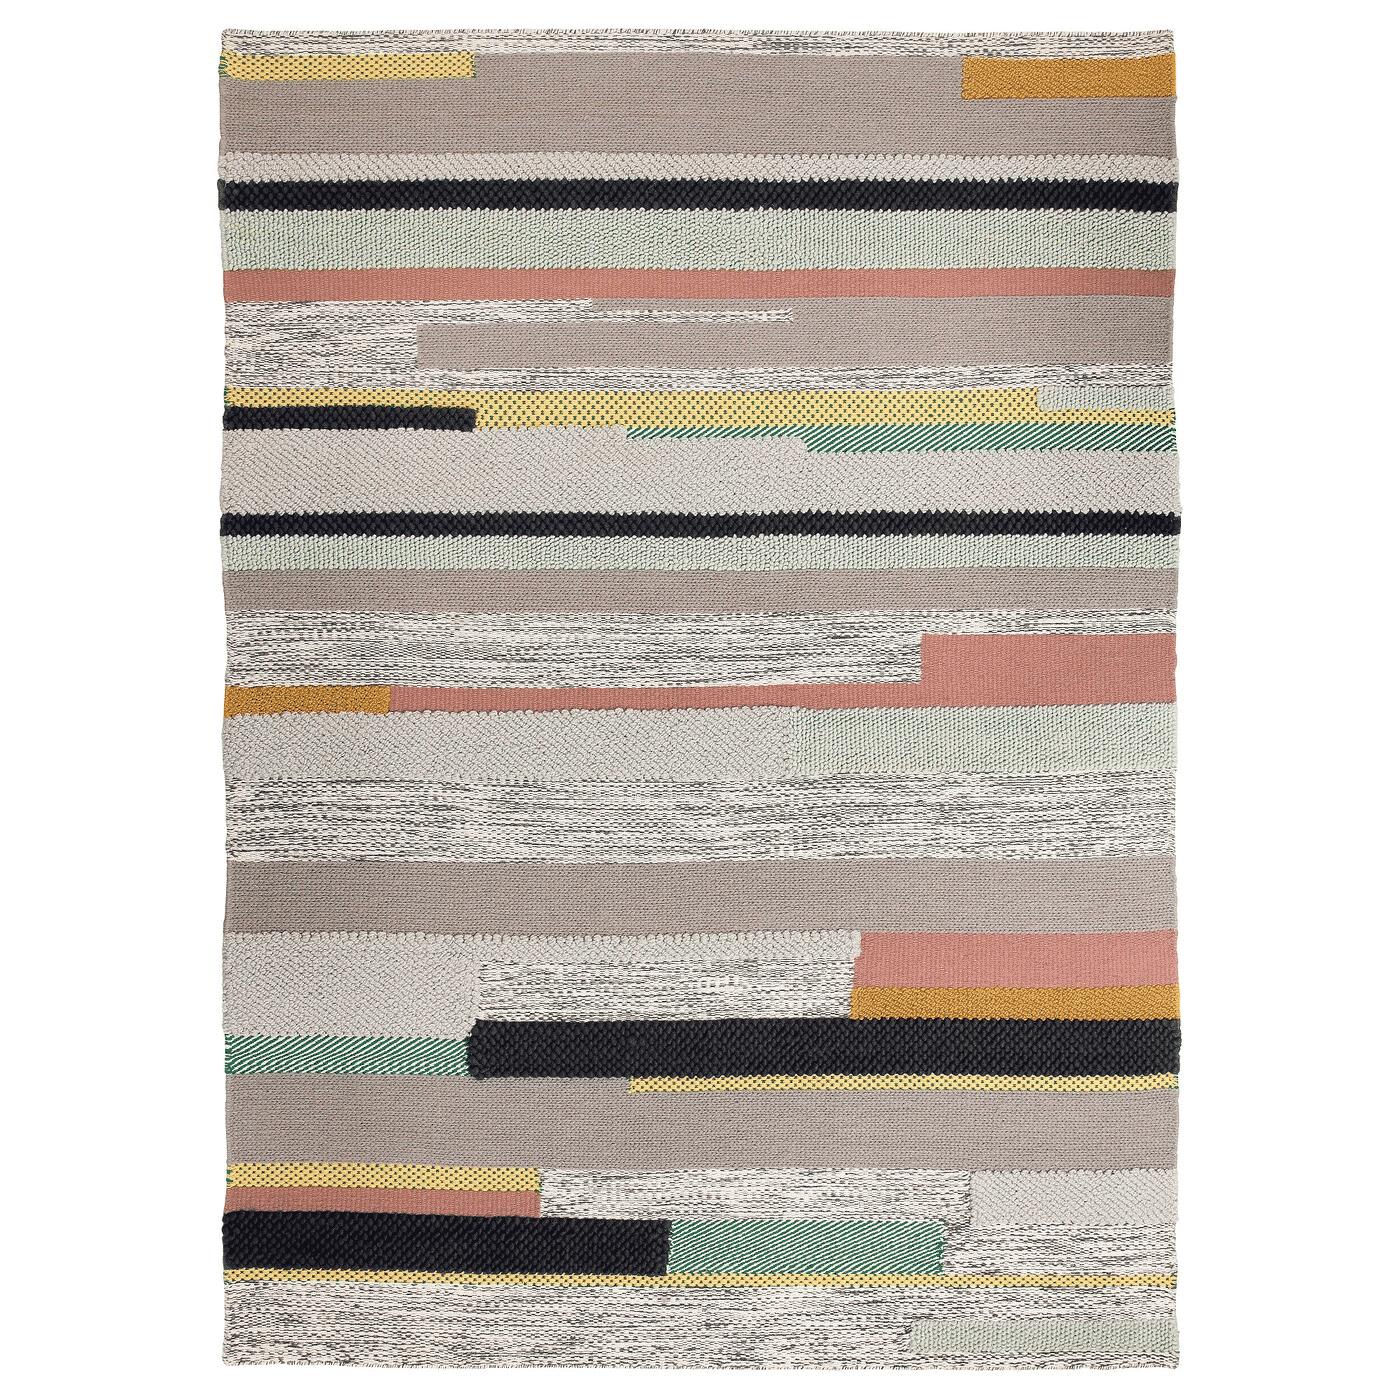 BRÖNDEN Rug, low pile, handmade multicolor